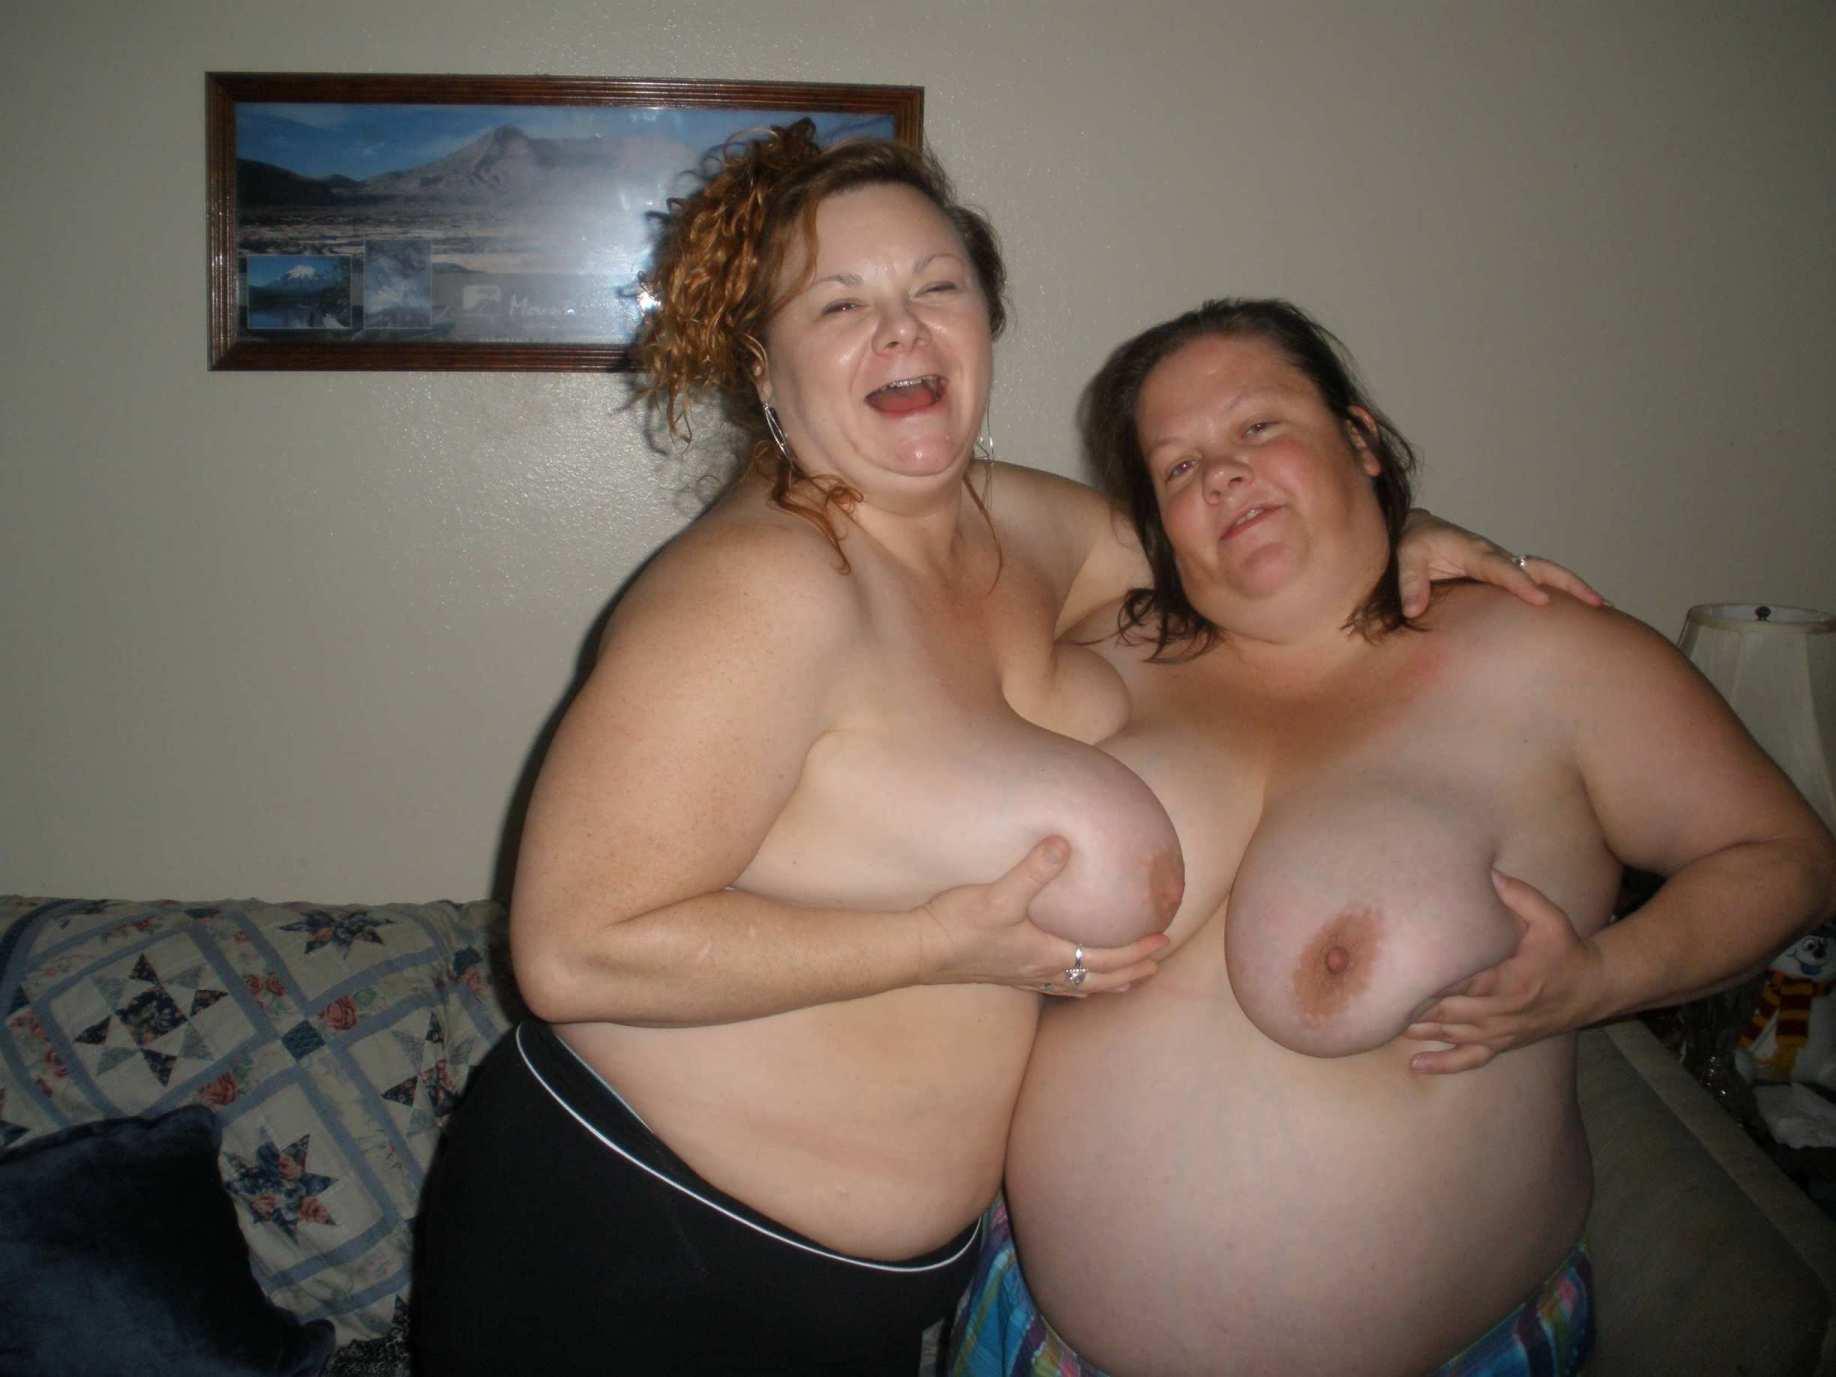 Толстушка с маленькими сиськами фото, Полные девушки с маленькой грудью. - Любители 7 фотография